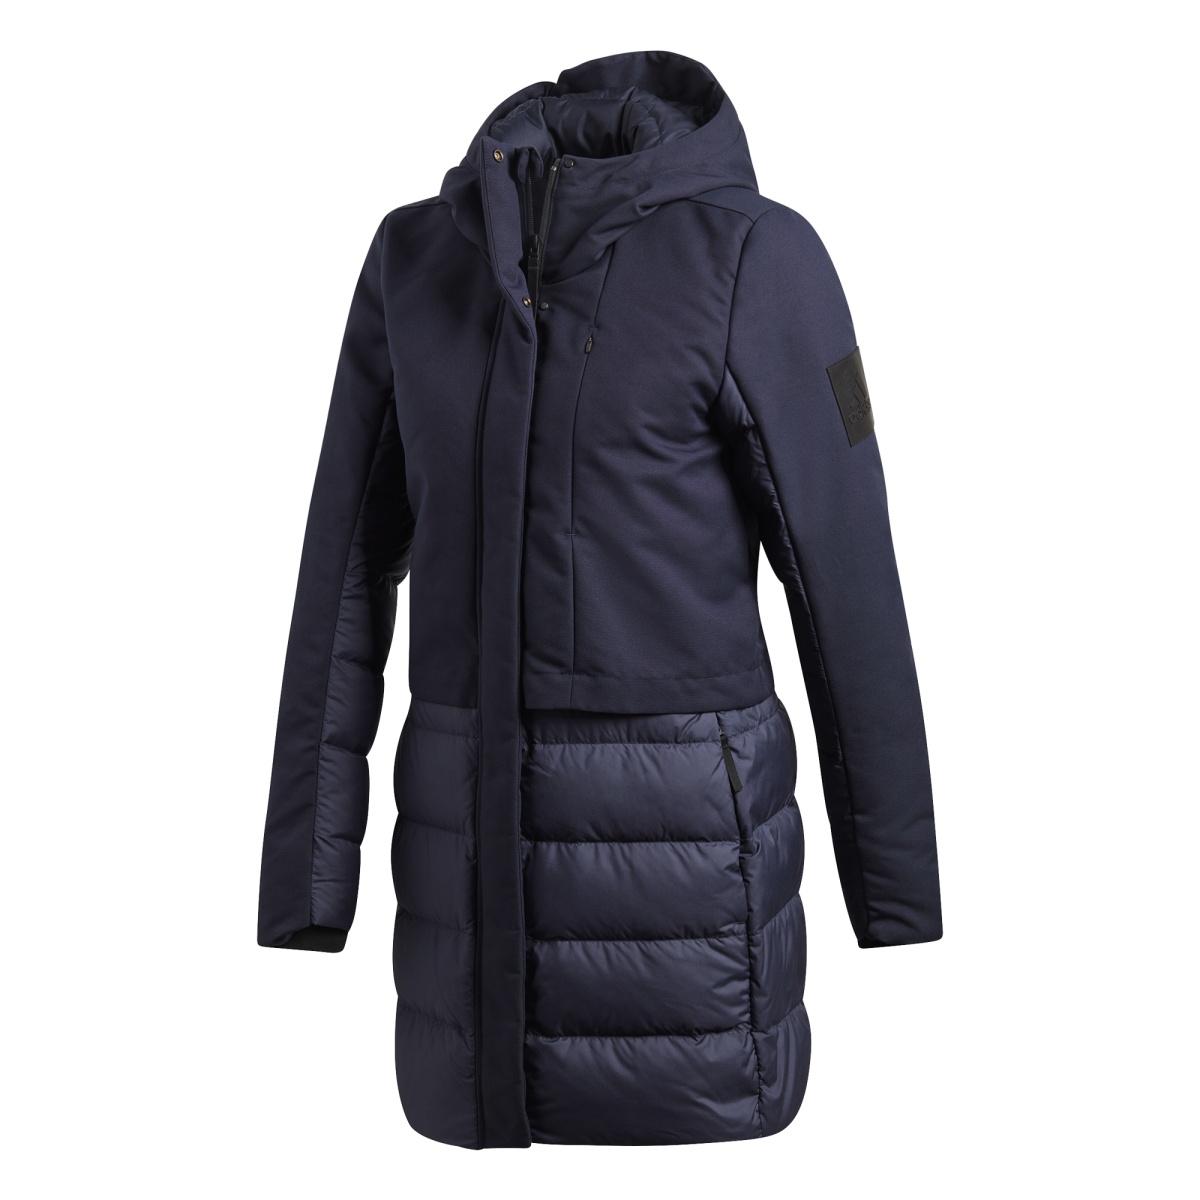 adidas W Climawarm Par modrá L - Glami.sk 56494778a66